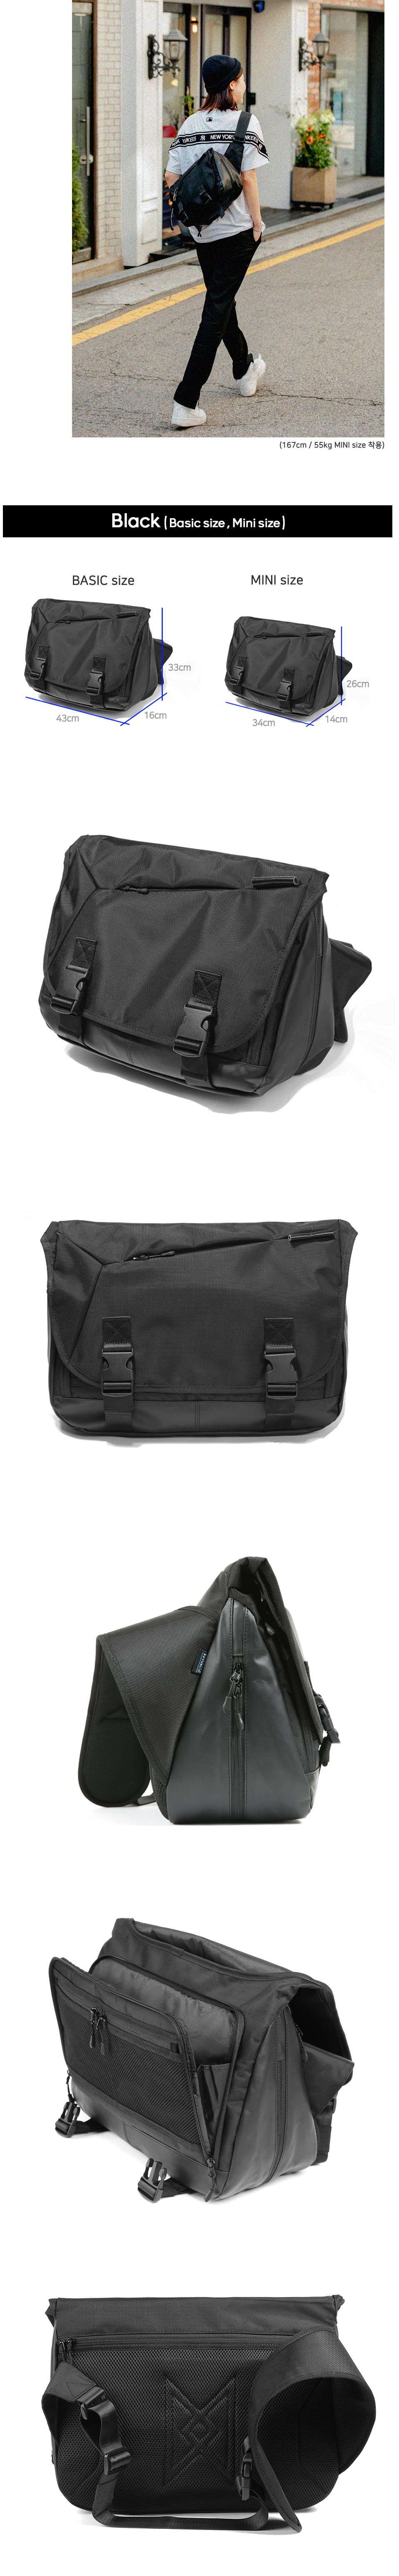 몬스터리퍼블릭(MONSTER REPUBLIC) COMPOUND MESSENGER BAG SERIES /  메신저백